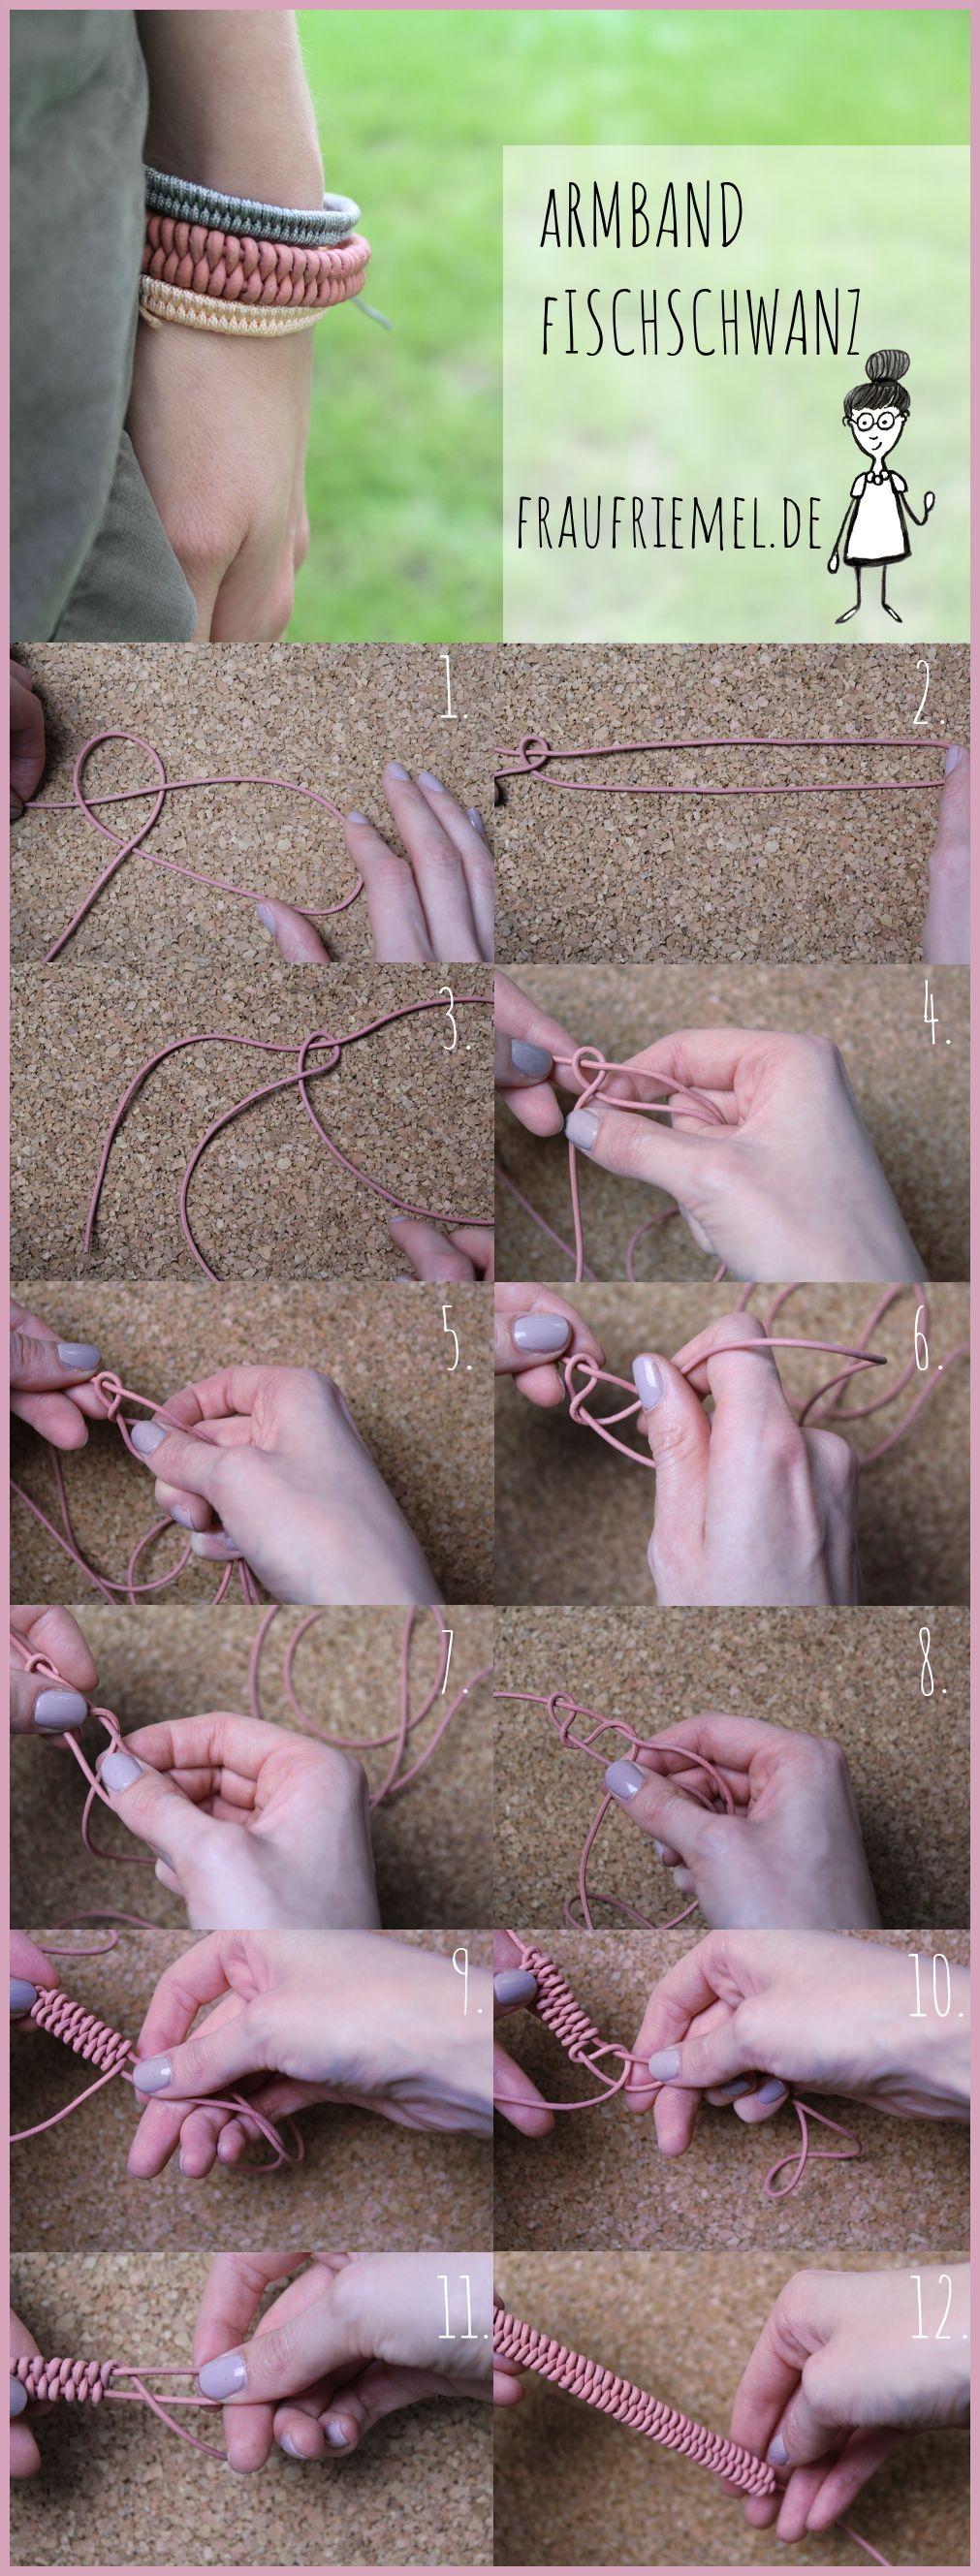 Photo of Armbänder knüpfen mit einfacher Anleitung | frau friemel